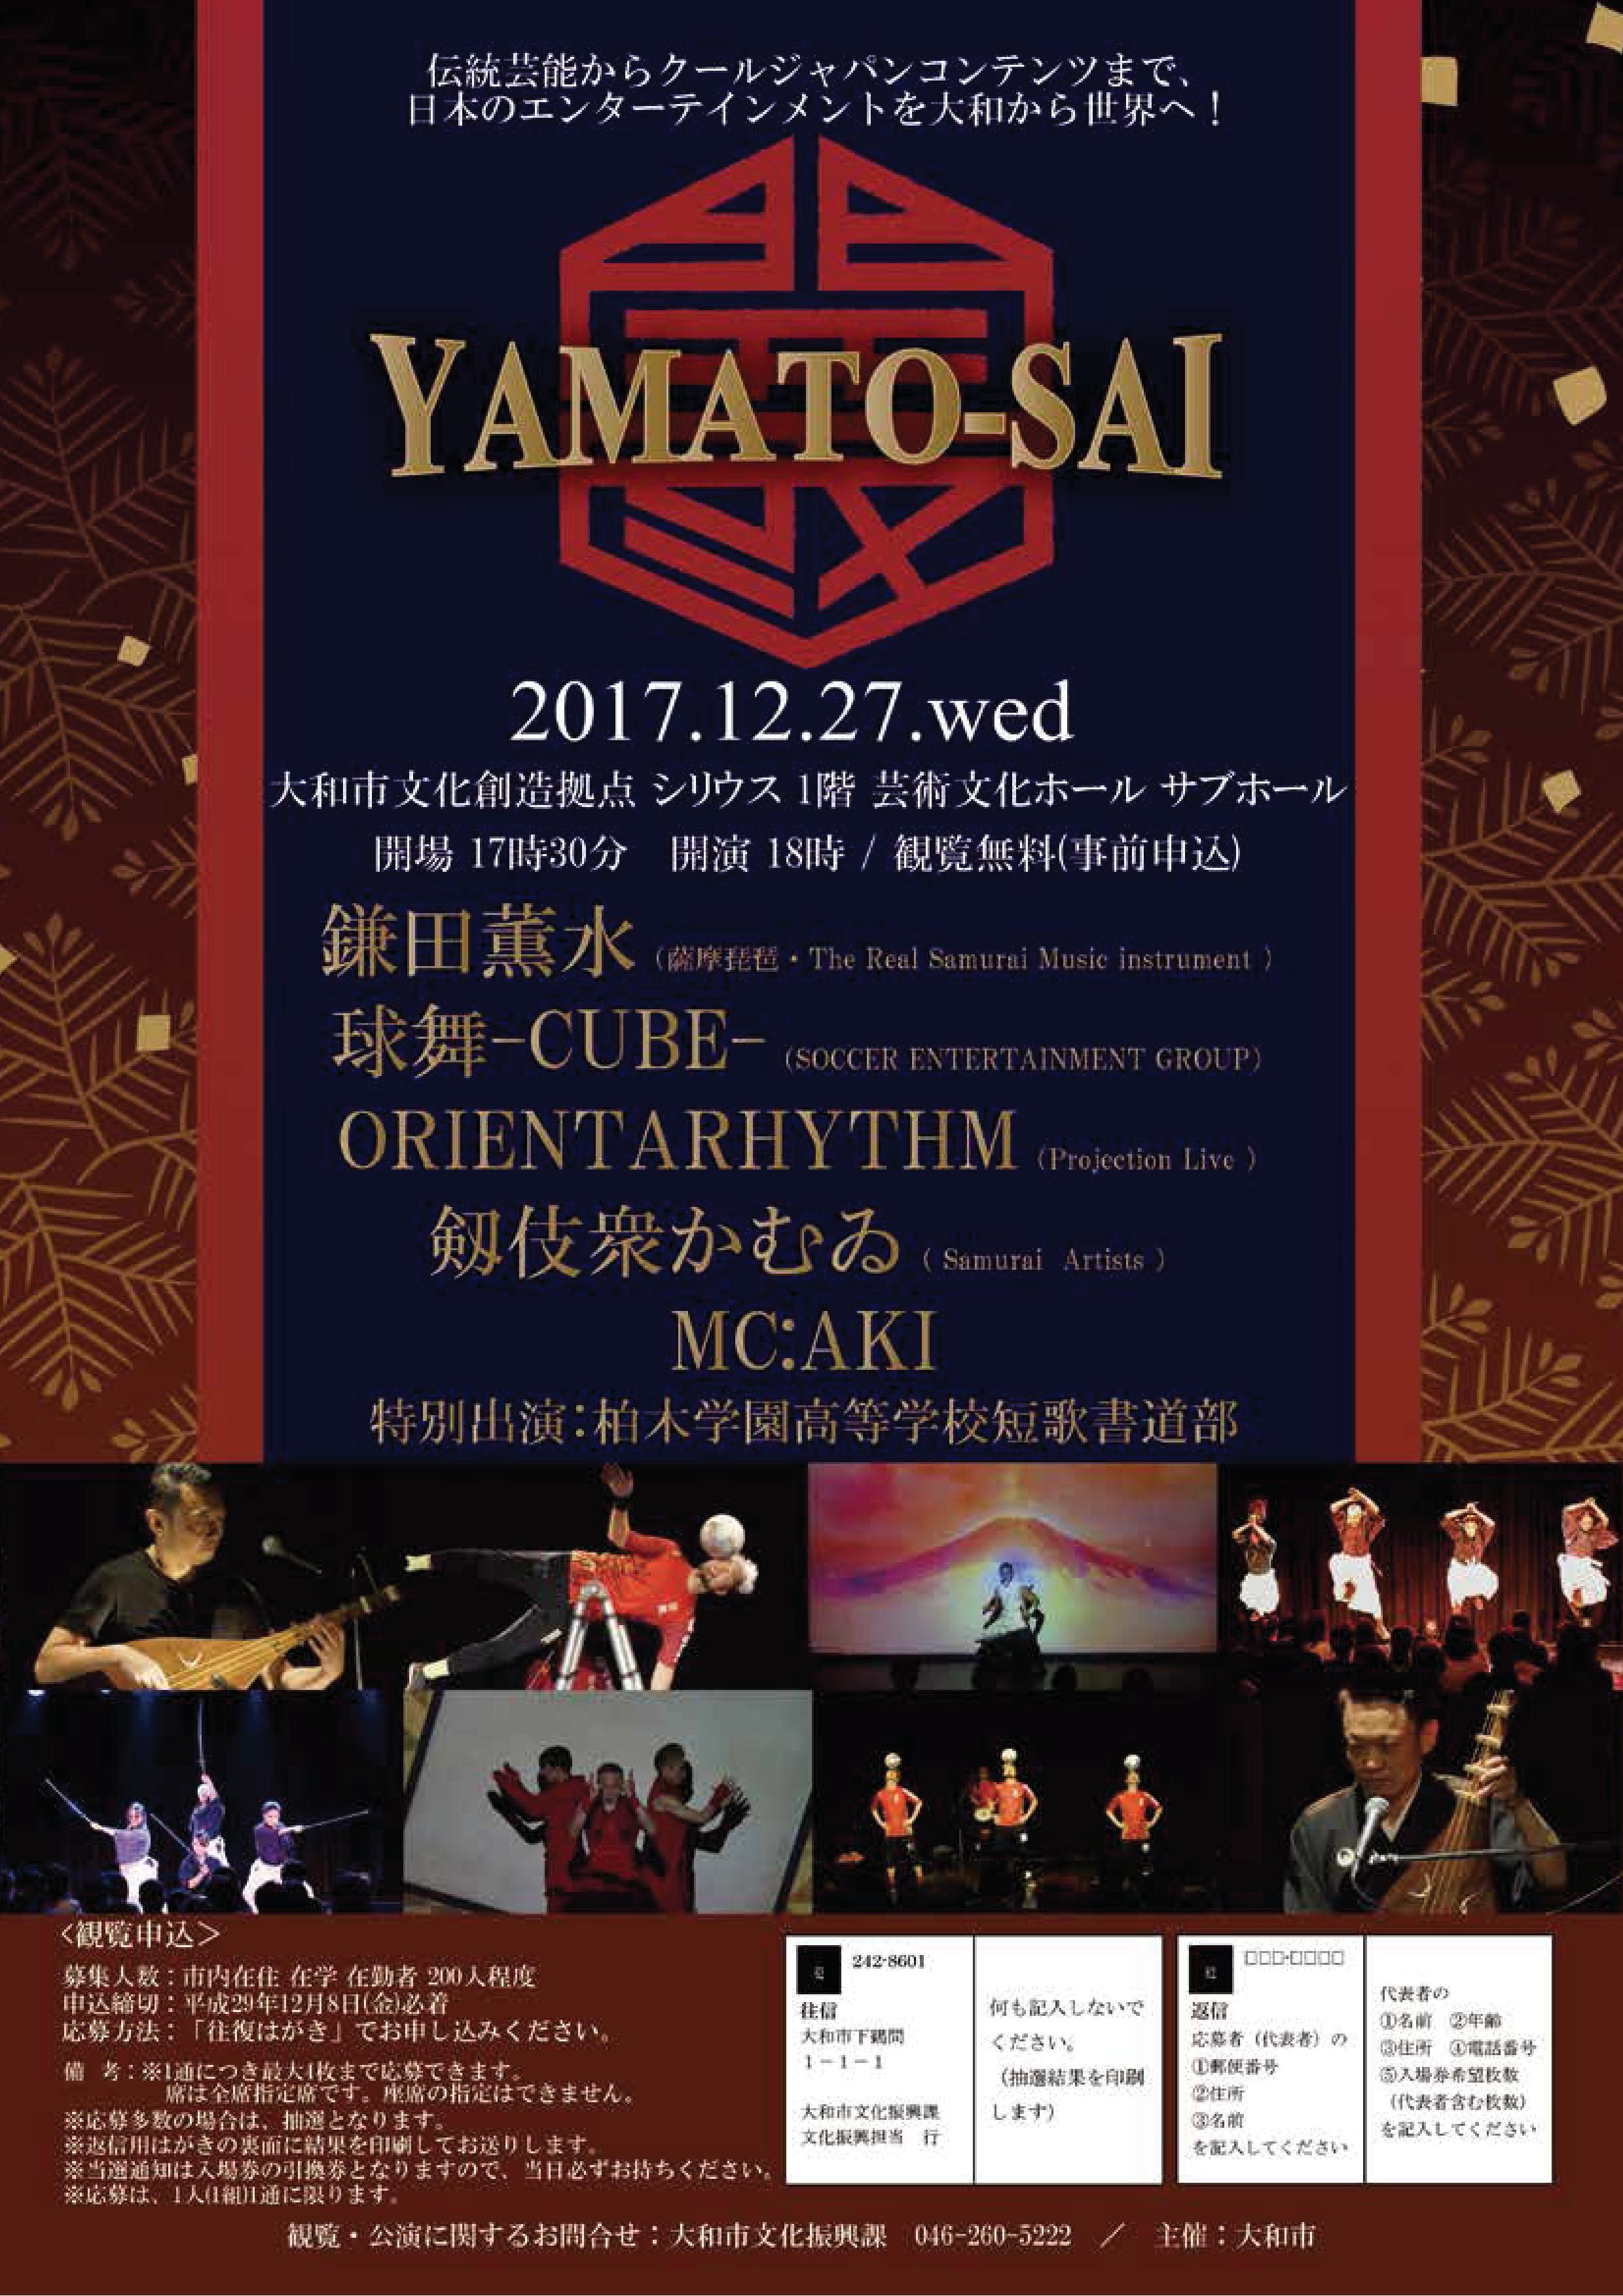 YAMATO-SAI